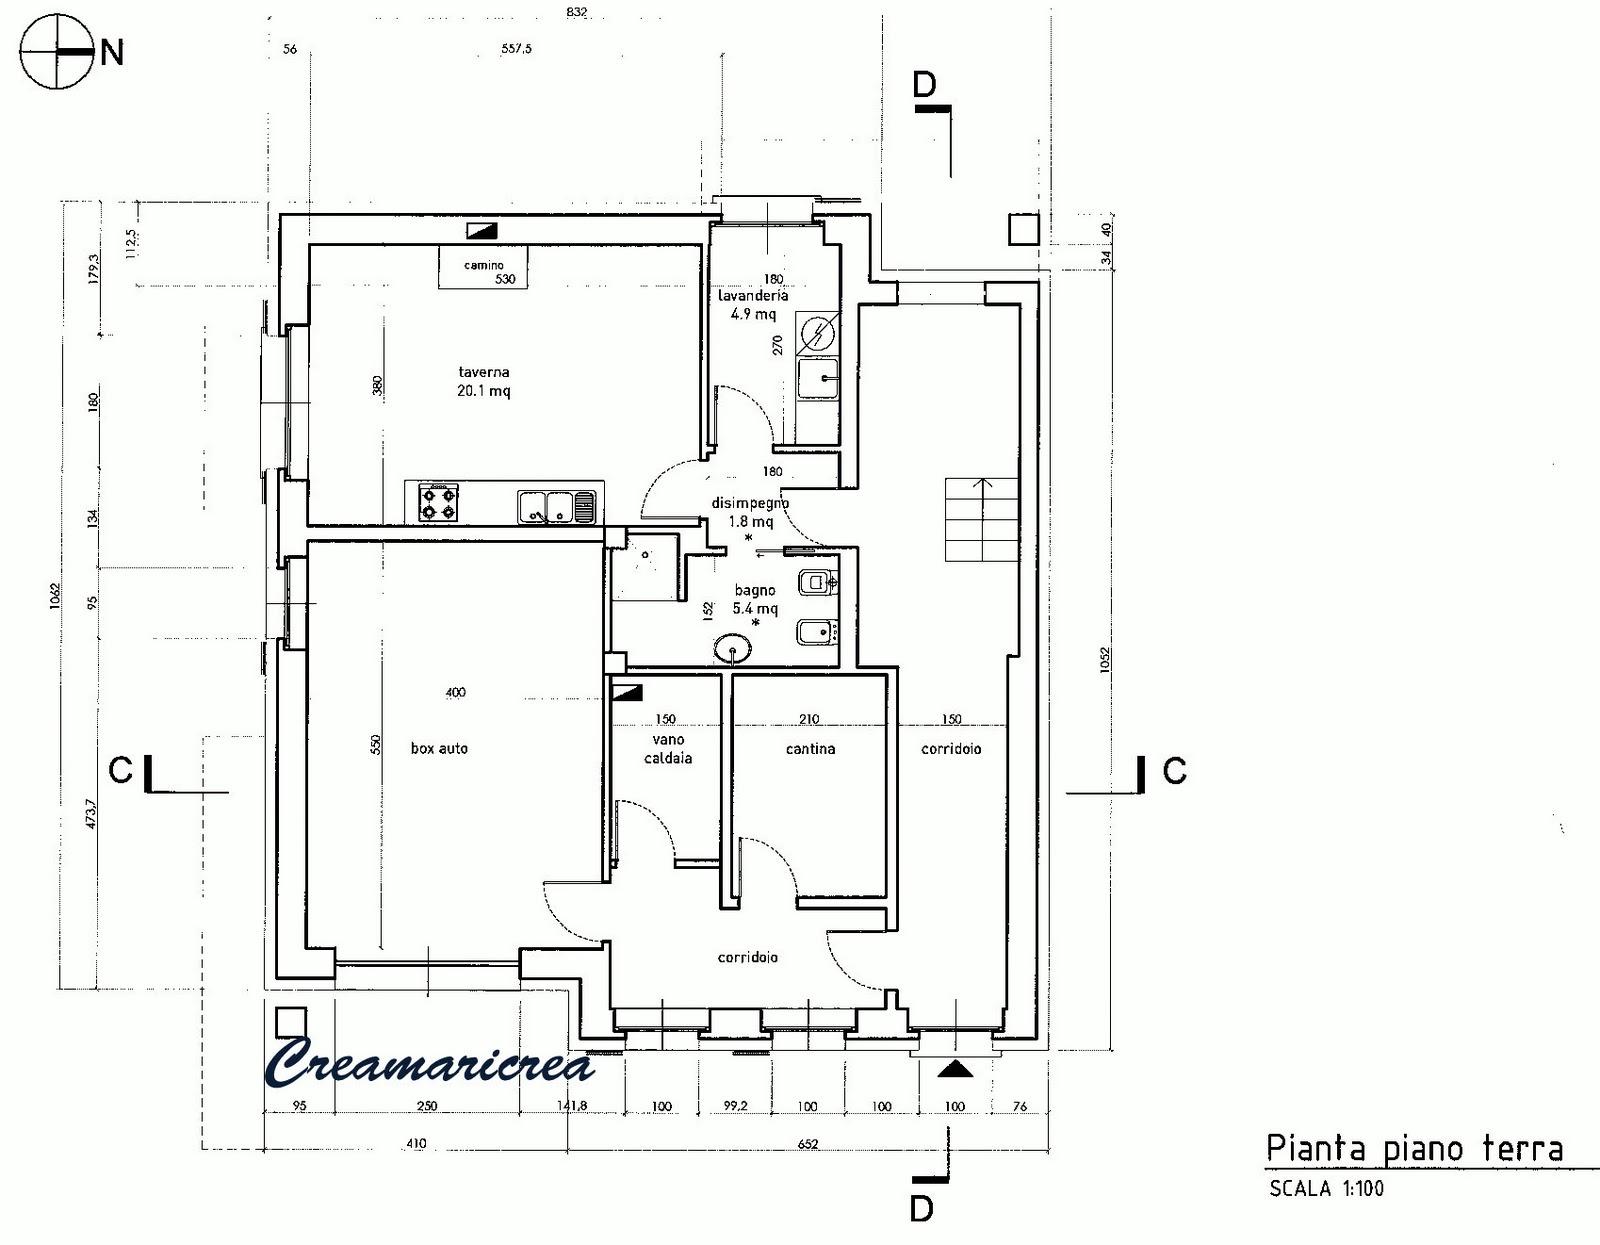 Creamaricrea la mia casa progetto le planimetrie for Progetti di planimetrie di case di campagna